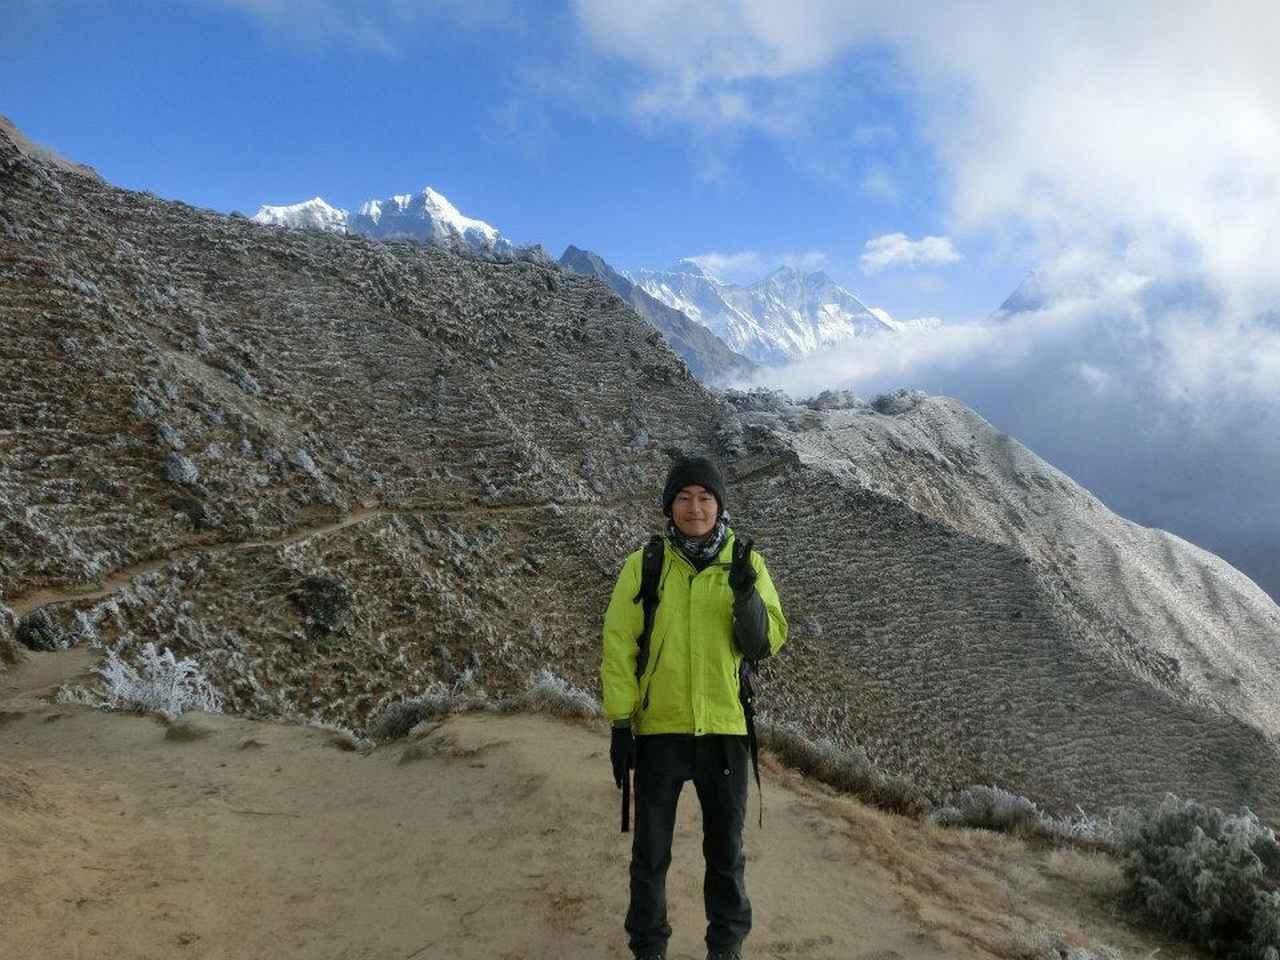 画像: ネパール・エベレストをバックに 振り返ると山の思い出は黄色い雨具と常に一緒でした